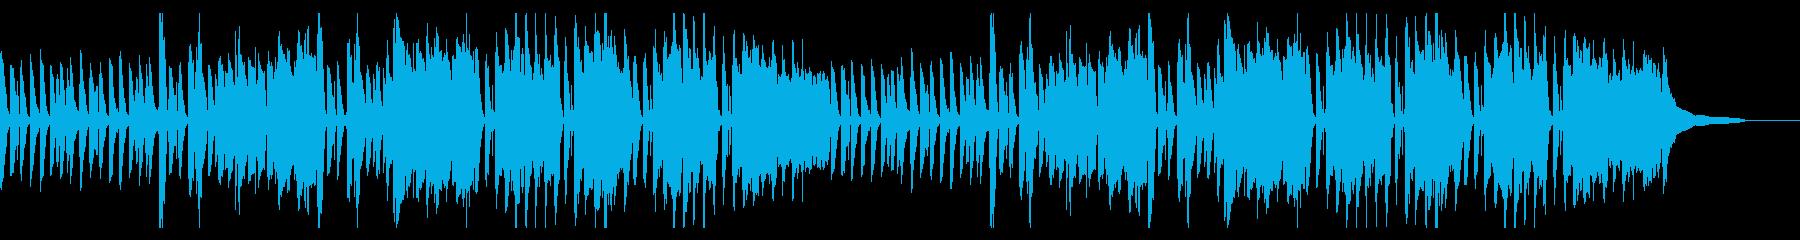 日常系ほのぼのBGMの再生済みの波形